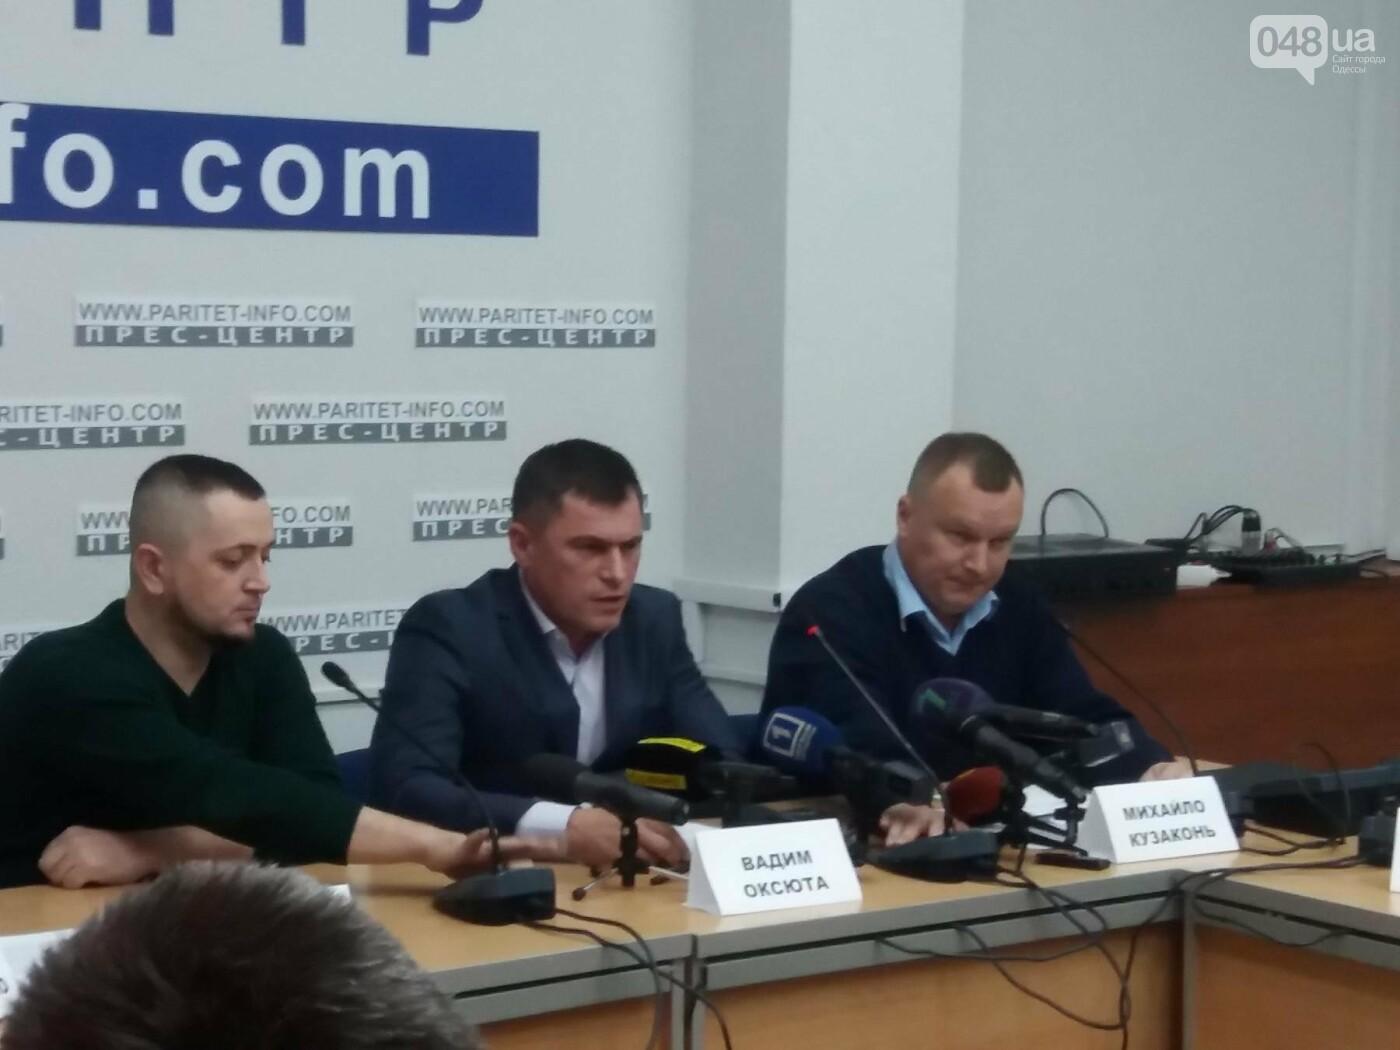 Вадим Оксюта: Обвиняя военных, власти признают факт захвата одесского аэродрома, фото-1